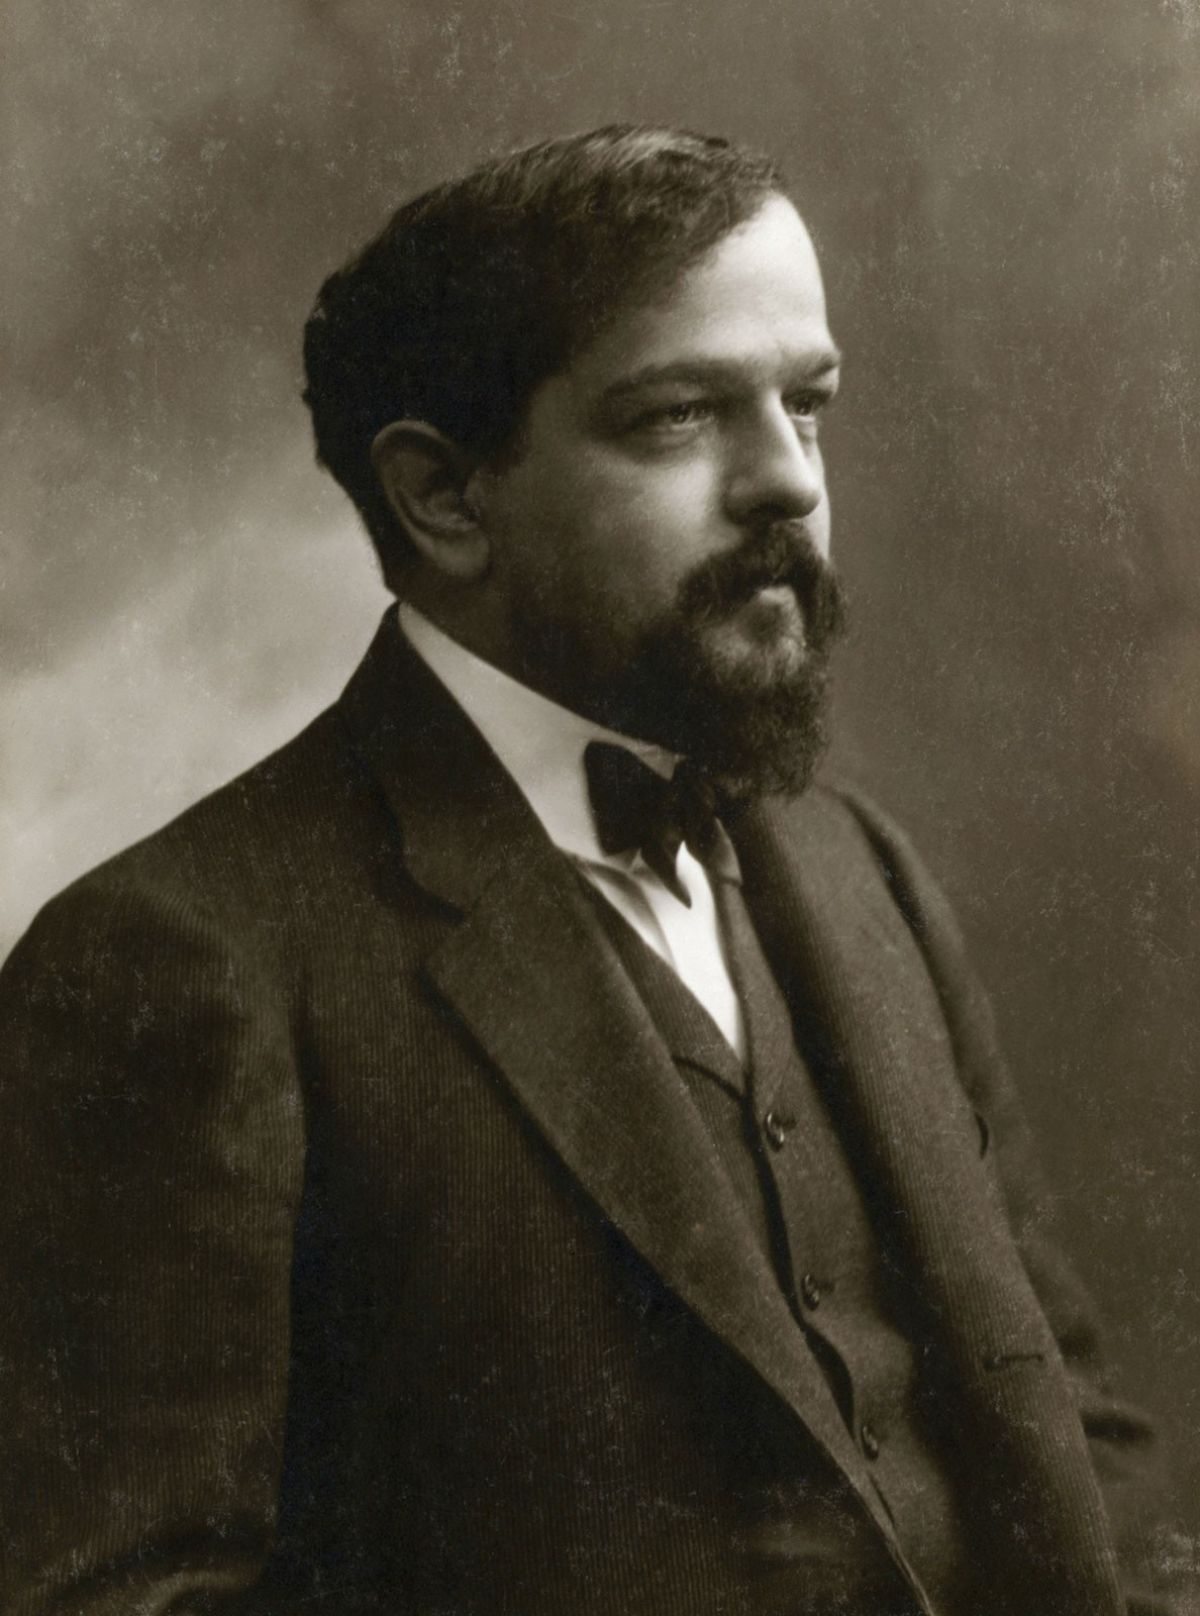 La muerte del gran Claude Debussy (1862-1918), tan admirado por Ravel, le dejó la difícil misión de liderar la música francesa. En su memoria compuso la <em>Sonata para violín y violoncelo</em>